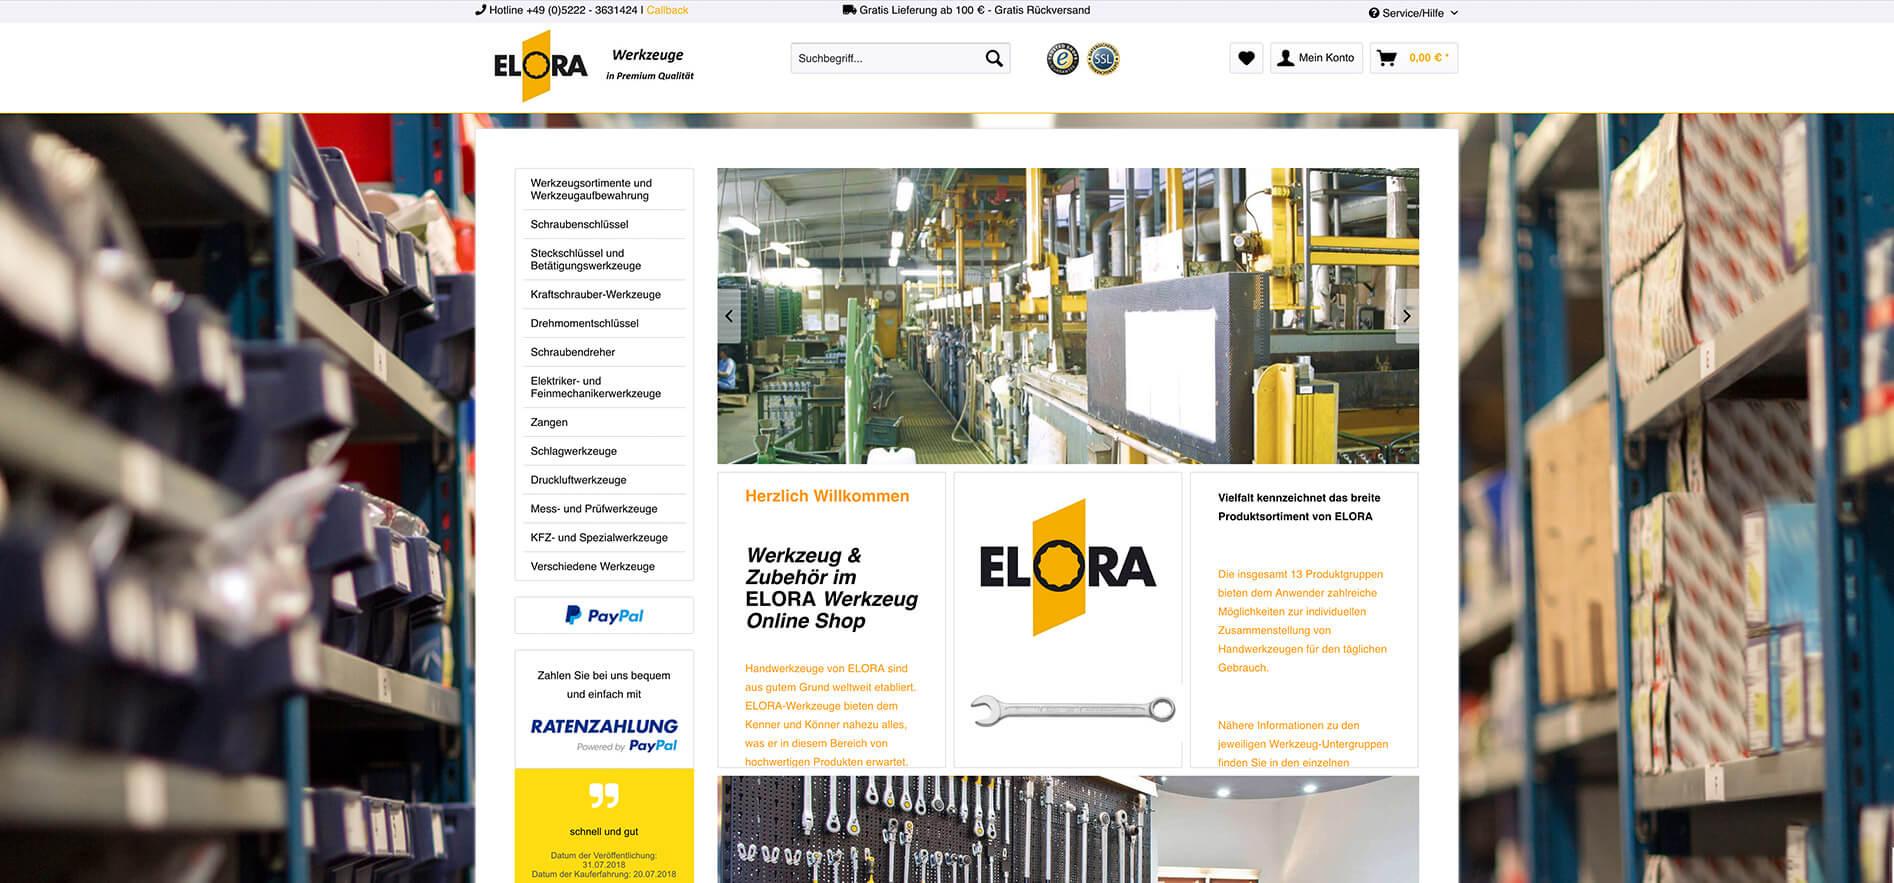 123 bueromoebel Online Shop